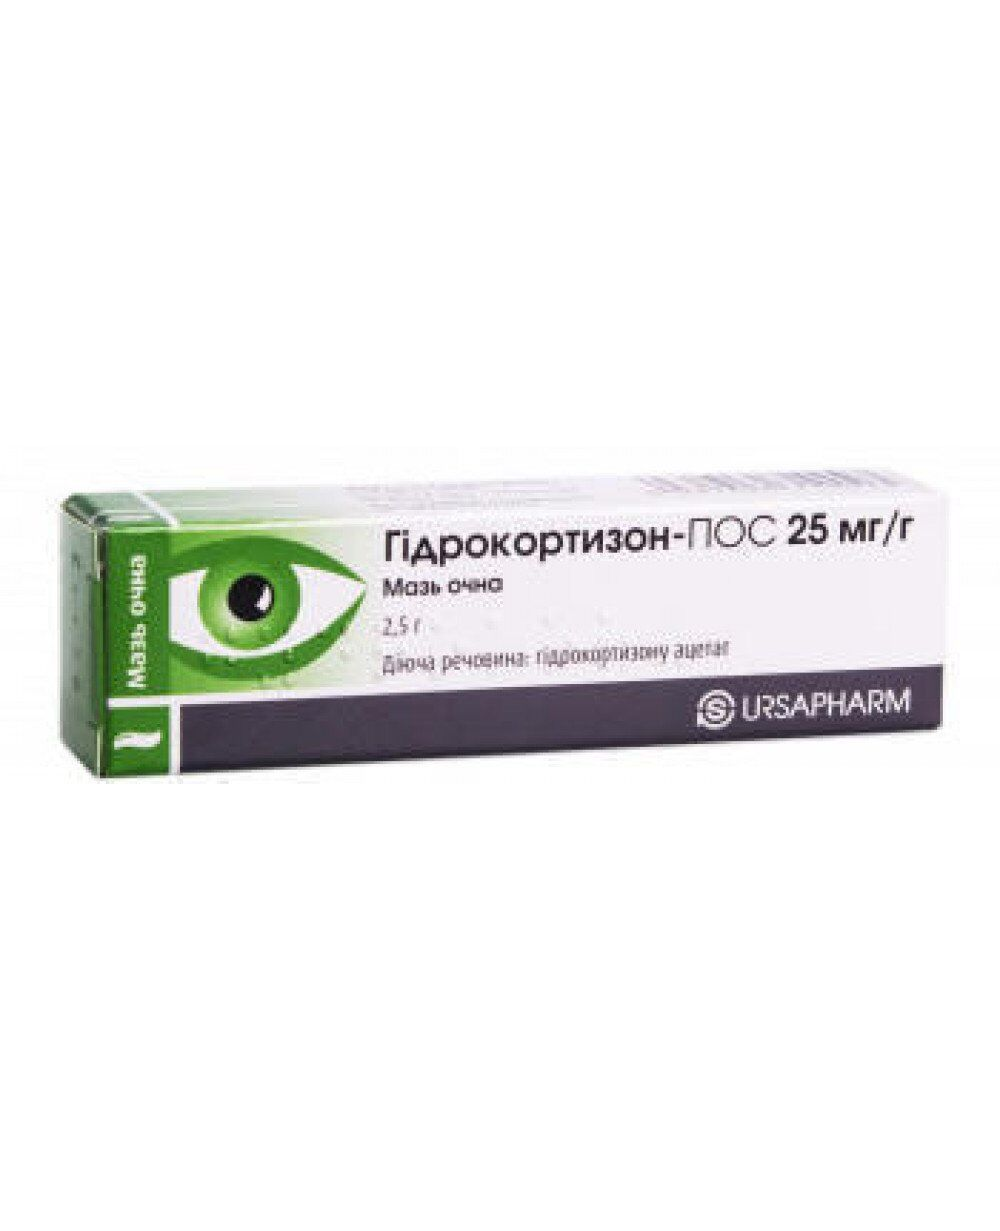 Гидрокортизон для глаз: инструкция по применению, показания, аналоги